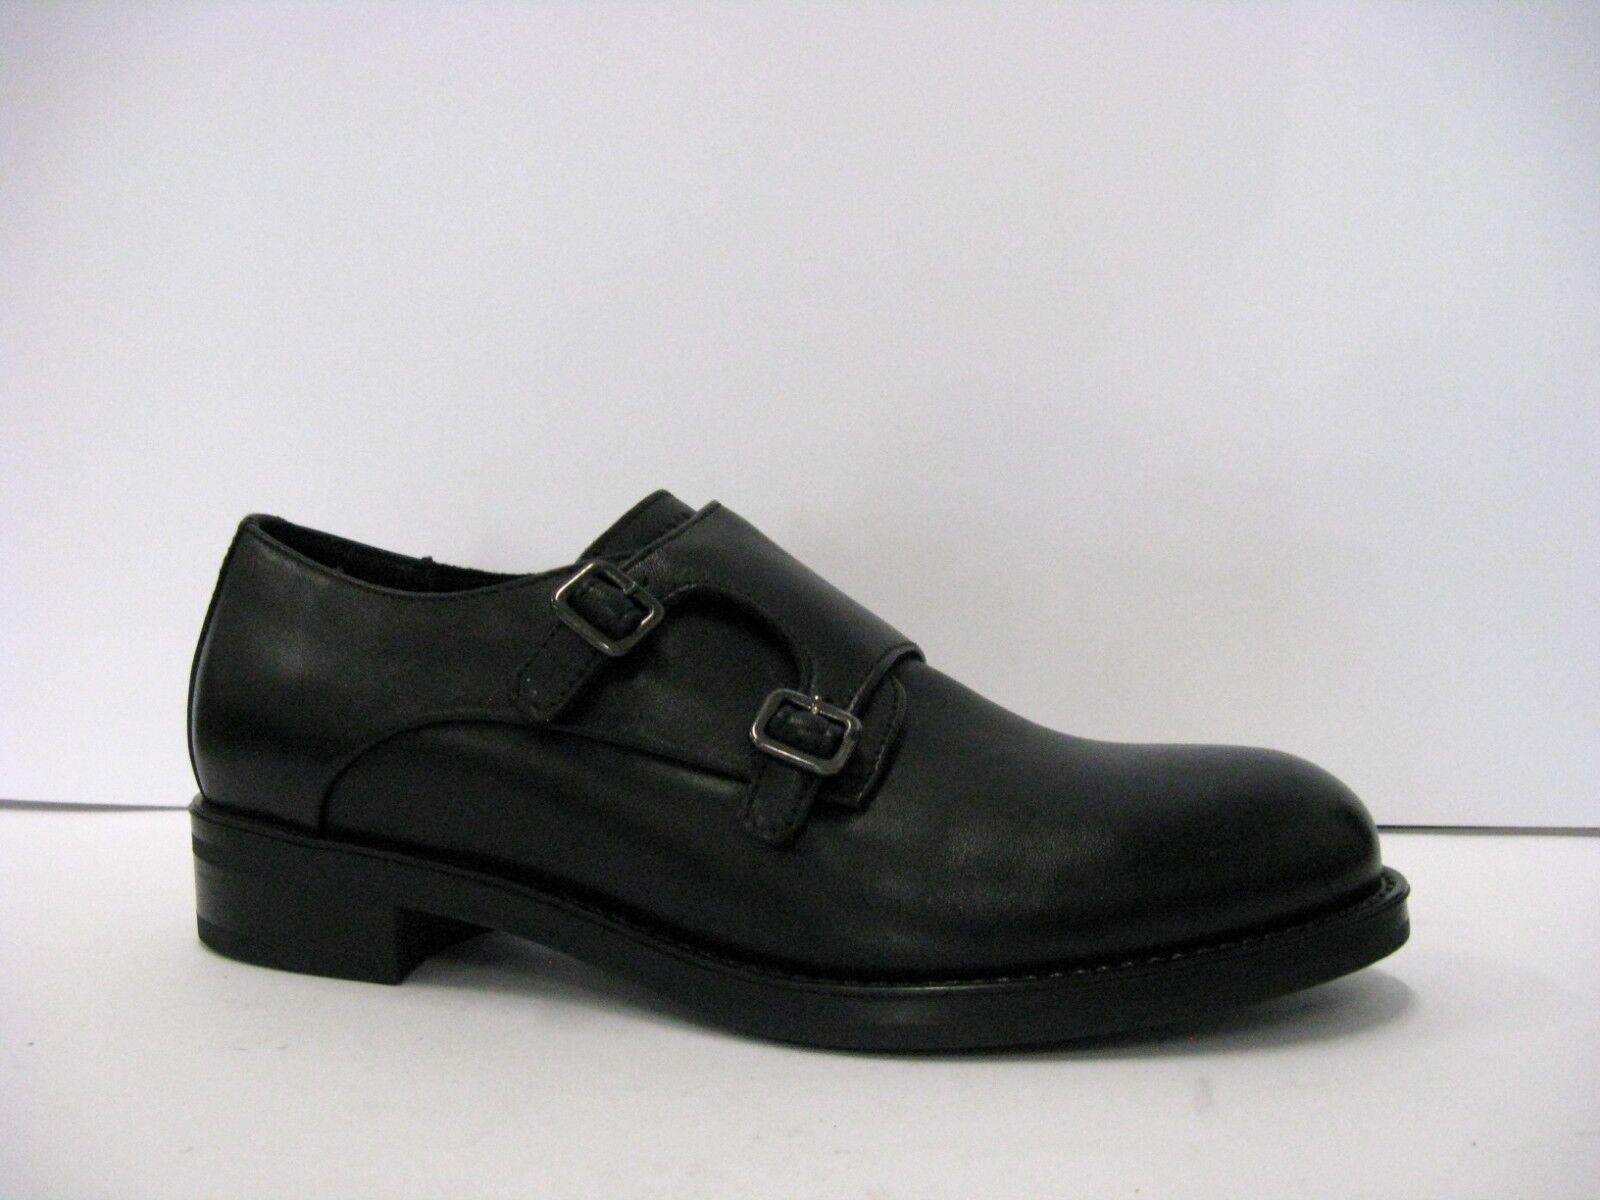 FRAU pelle 98M2 scarpa donna fibbie pelle FRAU nera suola gomma prodotto italiano 0a7c30